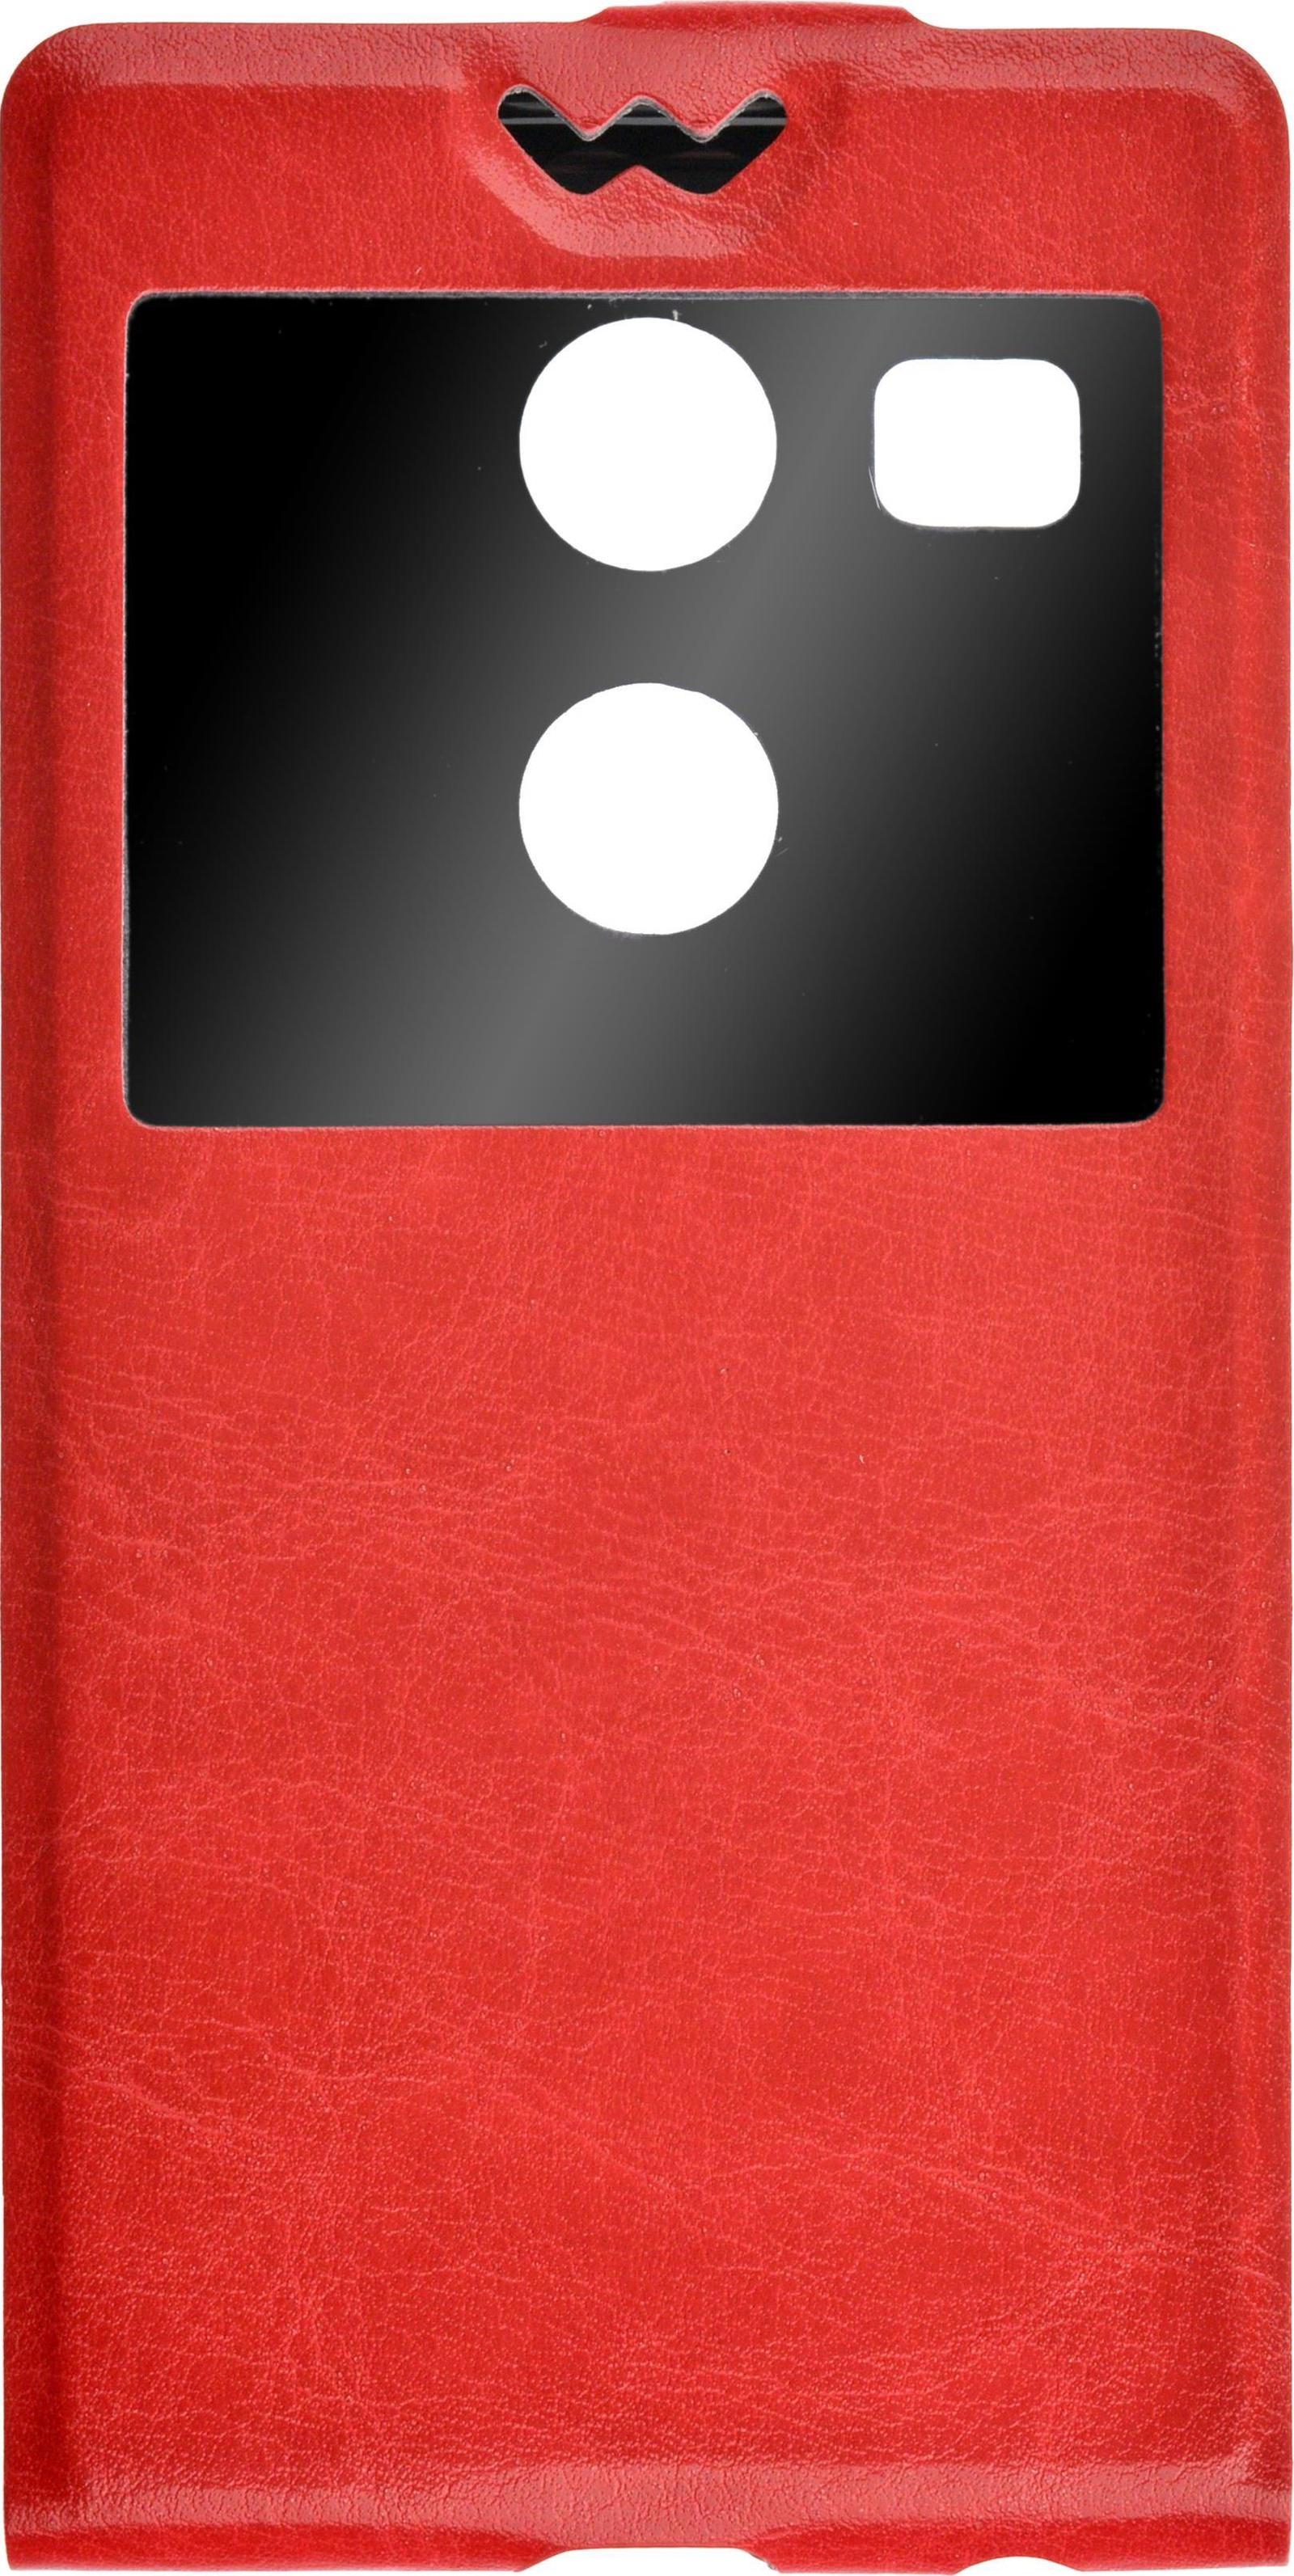 Чехол для сотового телефона skinBOX Flip slim, 4630042525221, красный цены онлайн